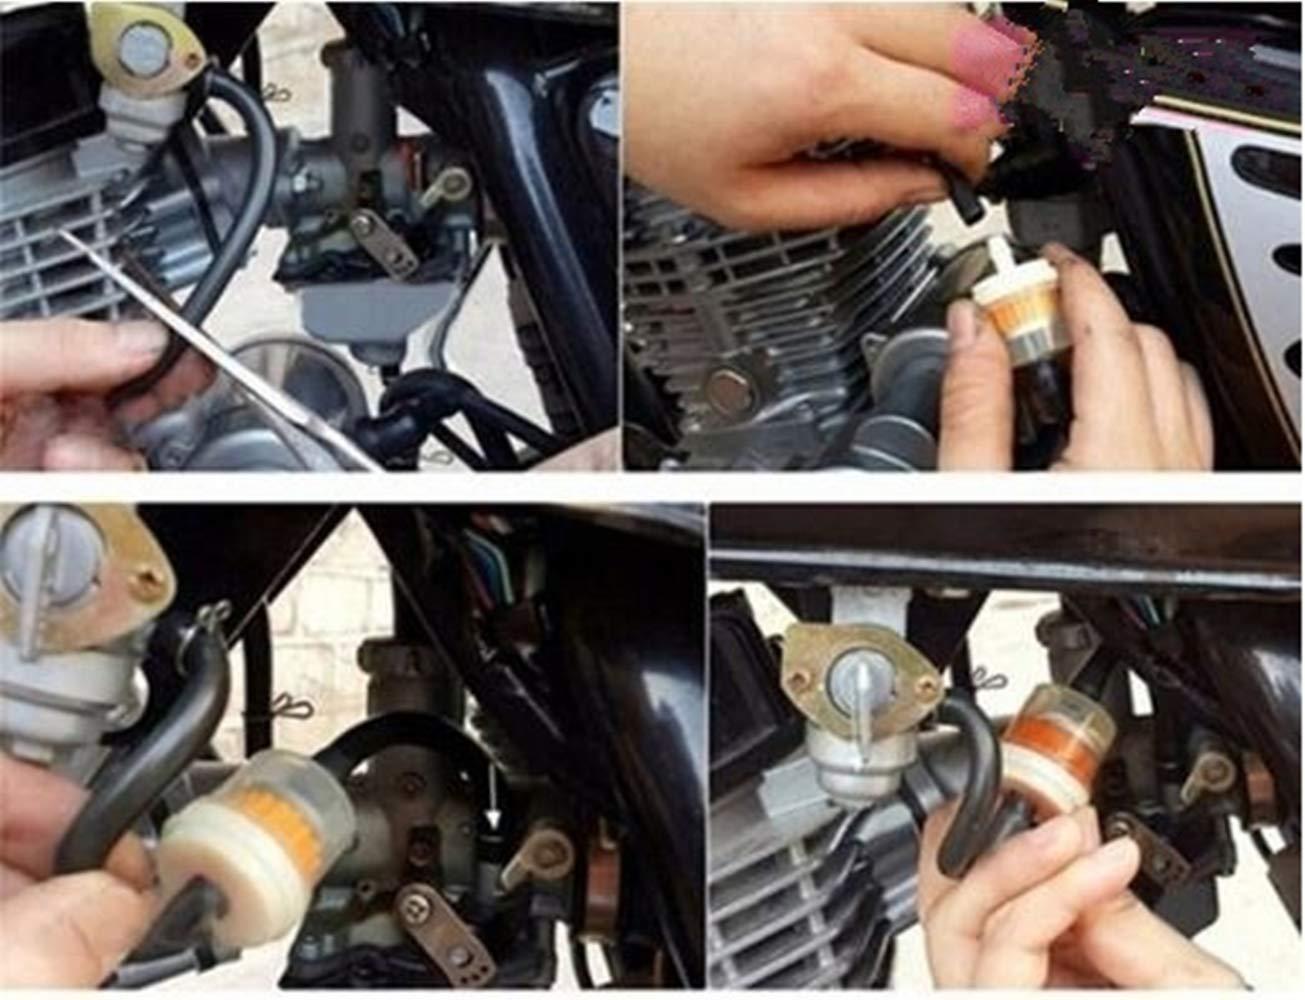 Verde ⌀ 6 mm 1M Tubo Benzina Carburante Gomma Tubo Rosso Diametro 8 MM Moto,10/× Clip a Molla Di Fissaggio Morsetti per Acqua Tubo Carburante Diametro,Lotto di 3 filtri carburante magnetici